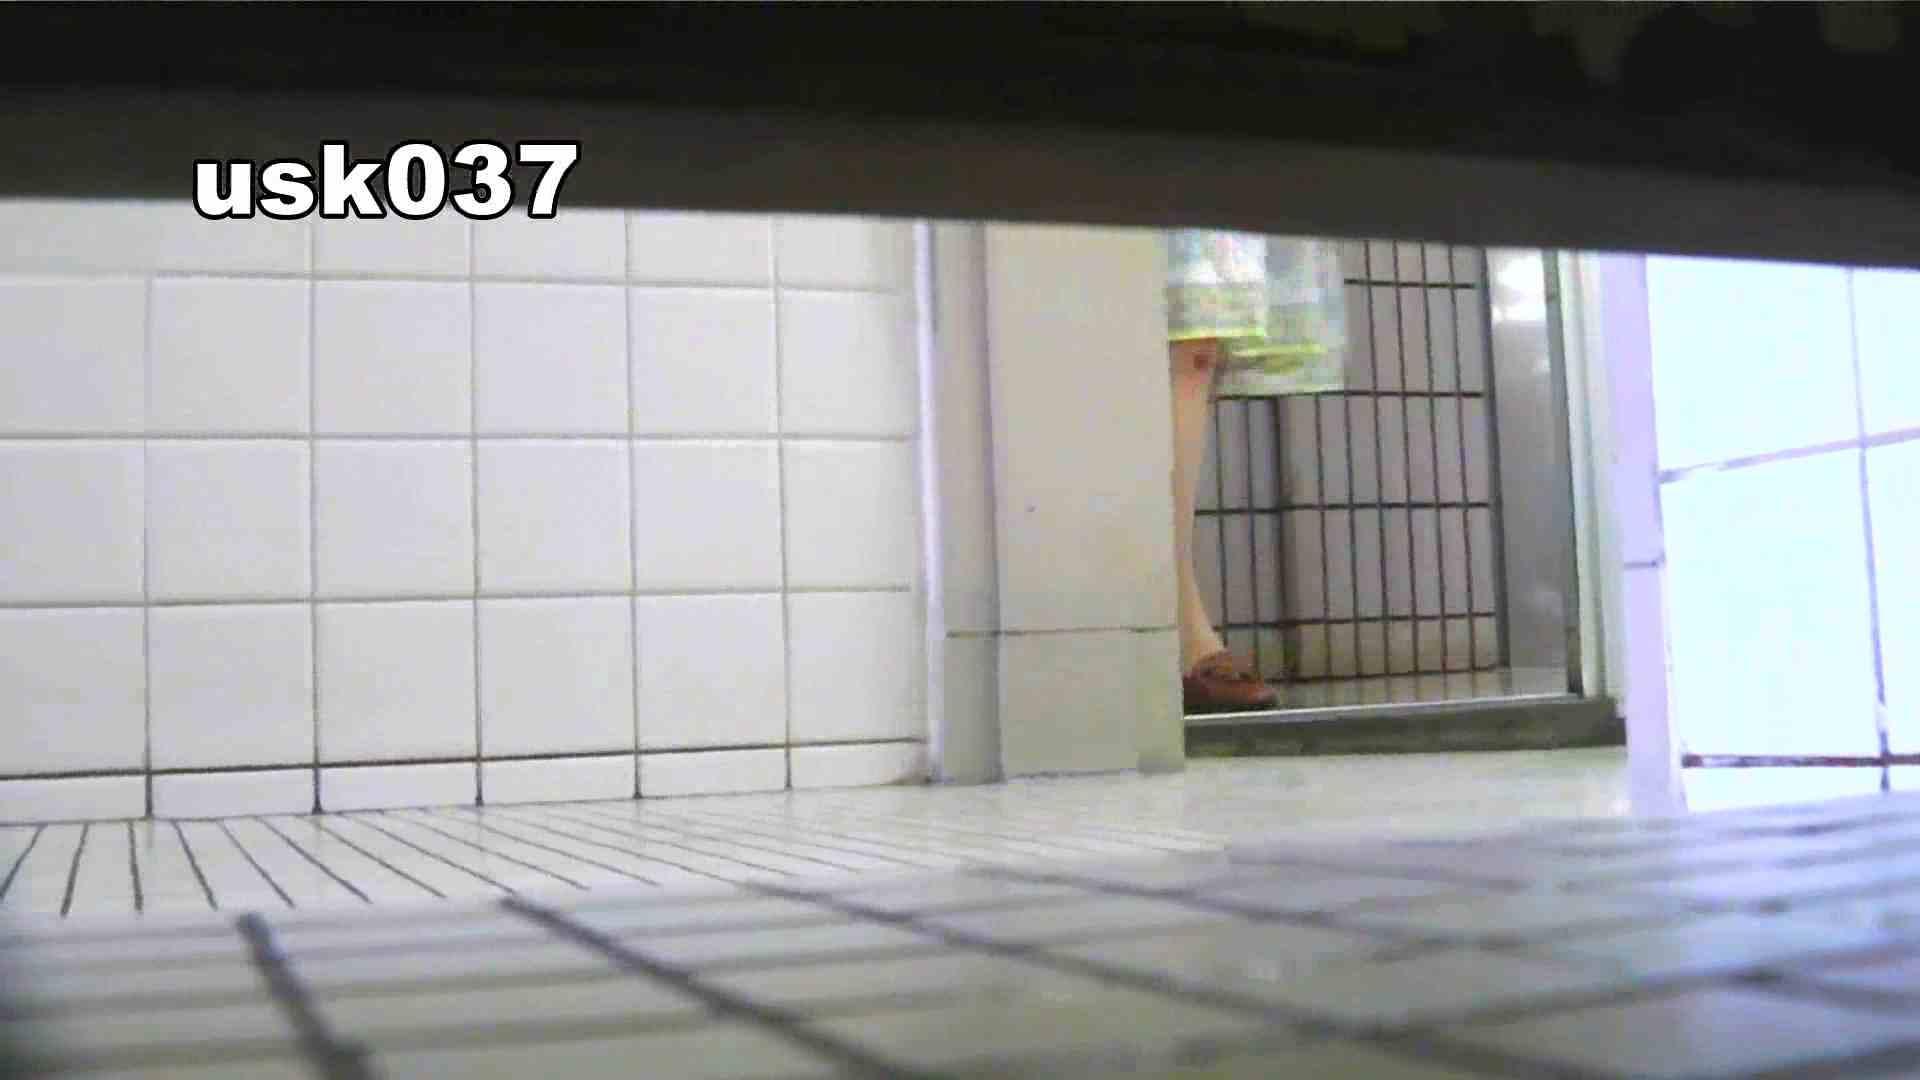 【美しき個室な世界】 vol.037 ひねり出す様子(フトイです) 洗面所   OL女体  97連発 87